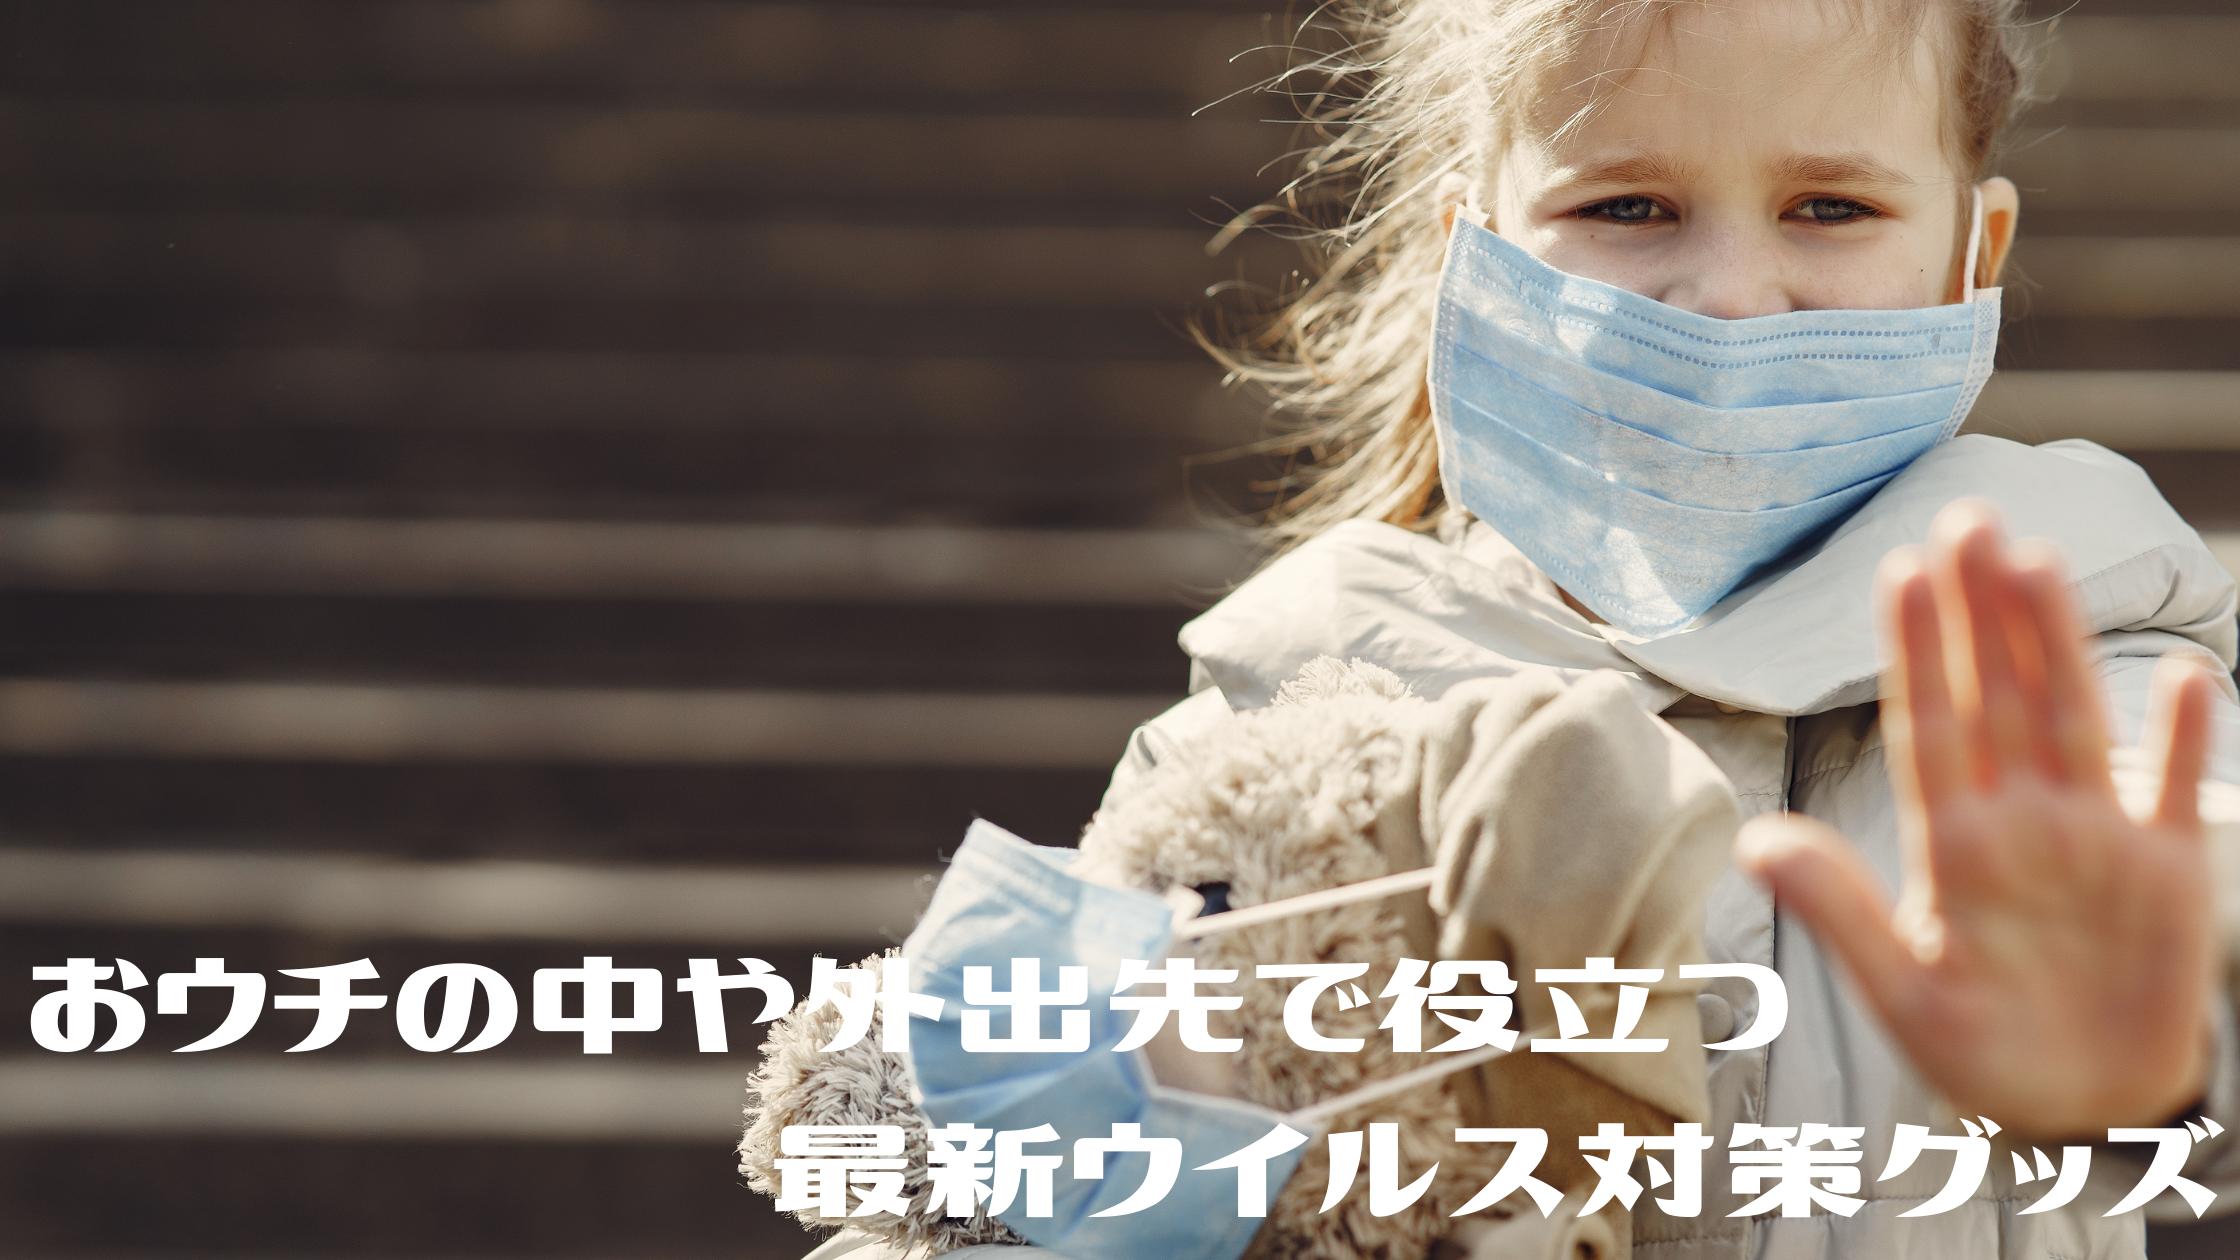 【王様のブランチ】おウチの中やちょっとした外出に役立つ『世界初の除菌スチーマー』『人間工学に基づいたマスク』最新ウイルス対策グッズ